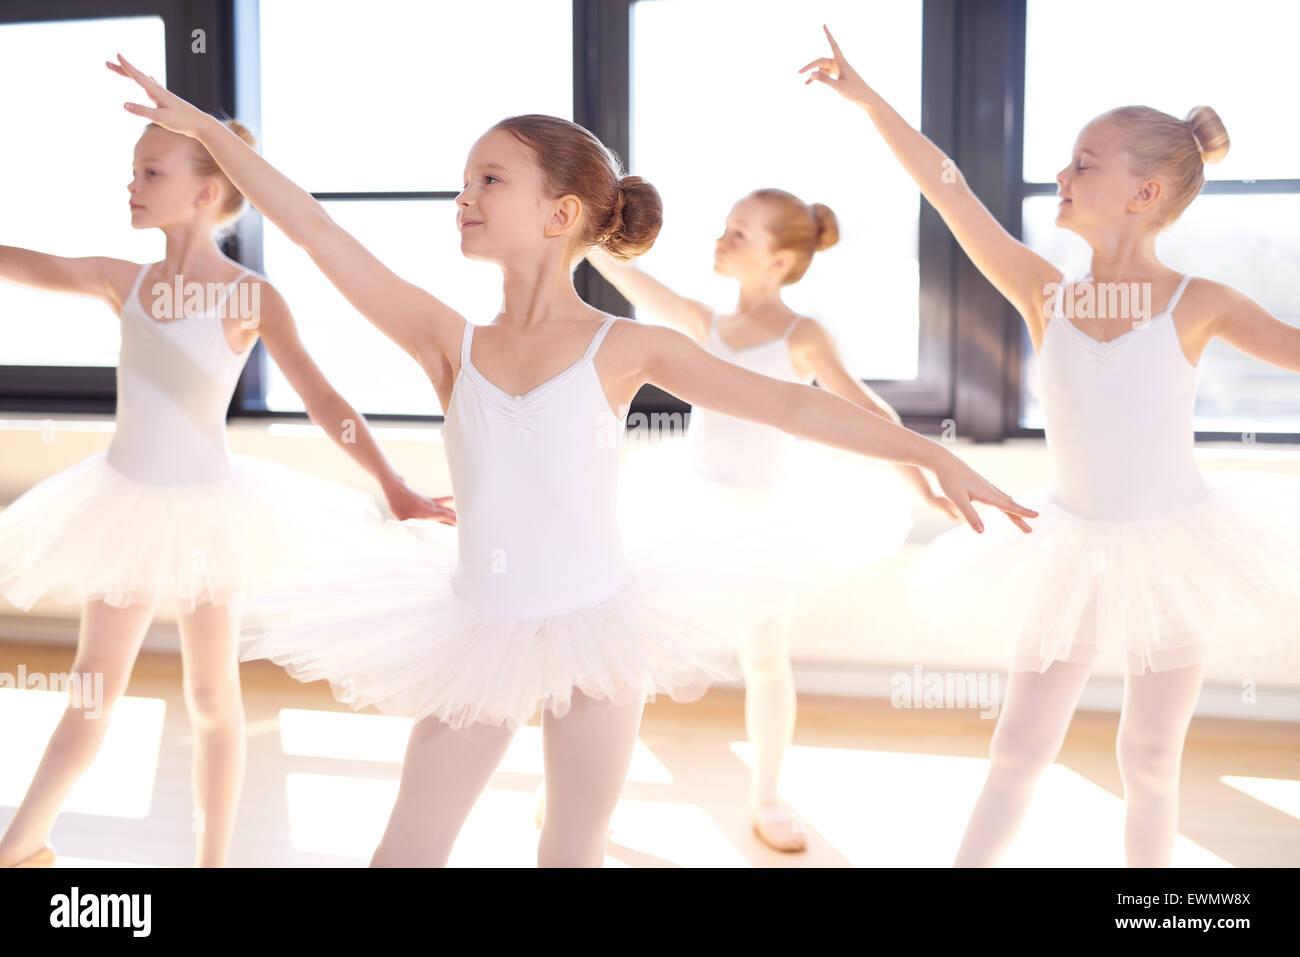 Baile coreografiado por un grupo de jóvenes bailarines bastante graciosos practicando durante la clase en una Imagen De Stock